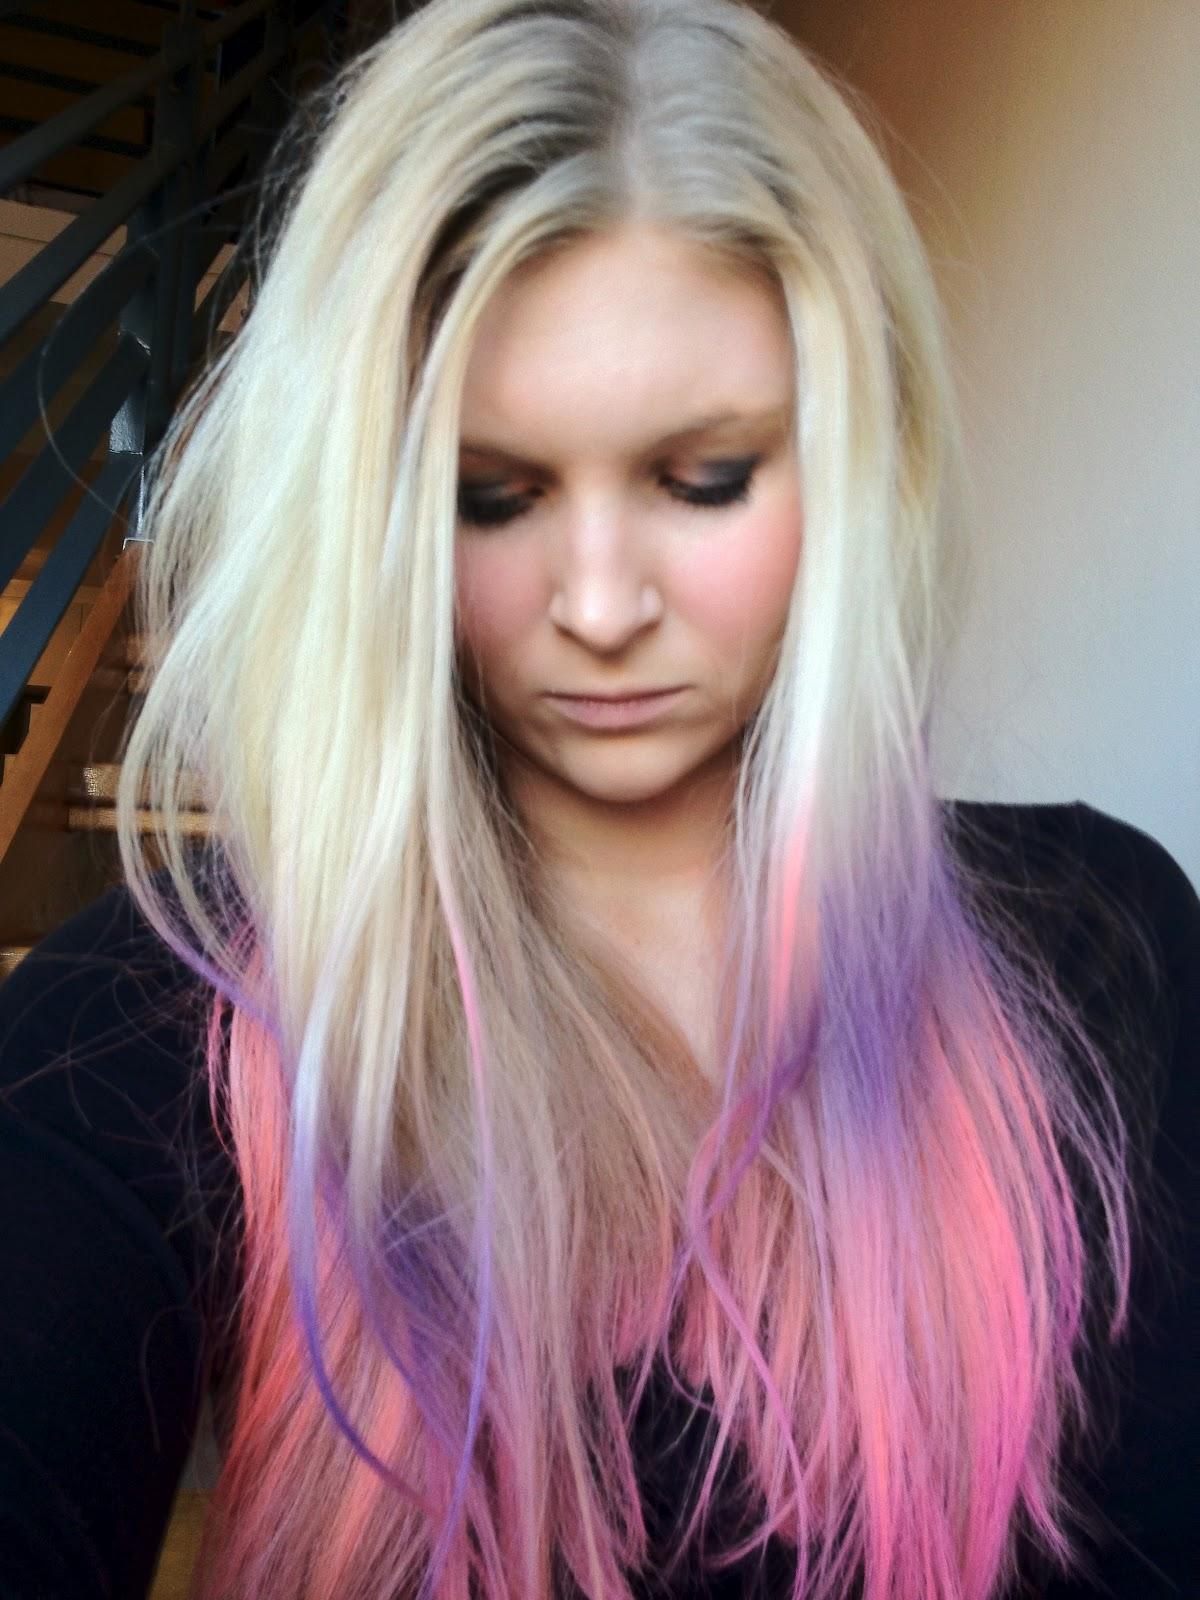 dip dye hair extensions kudu hair – Kudu Hair Extensions